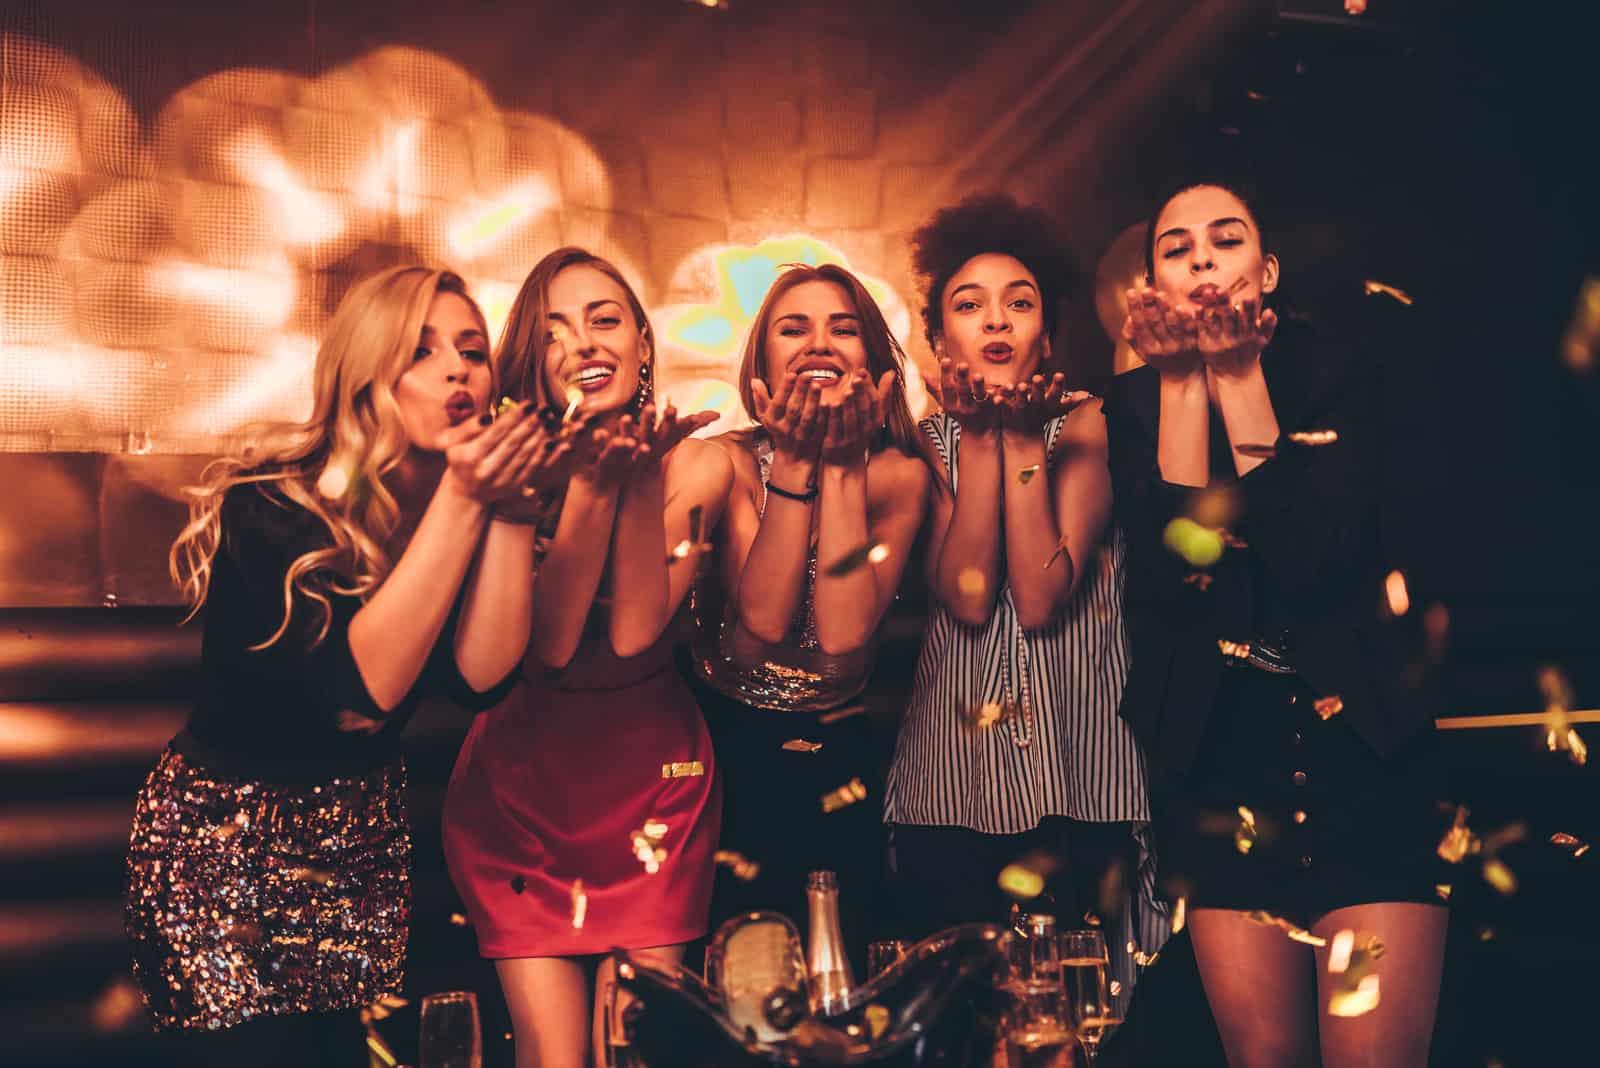 Eine Gruppe von Mädchen hat Spaß in einer Disco